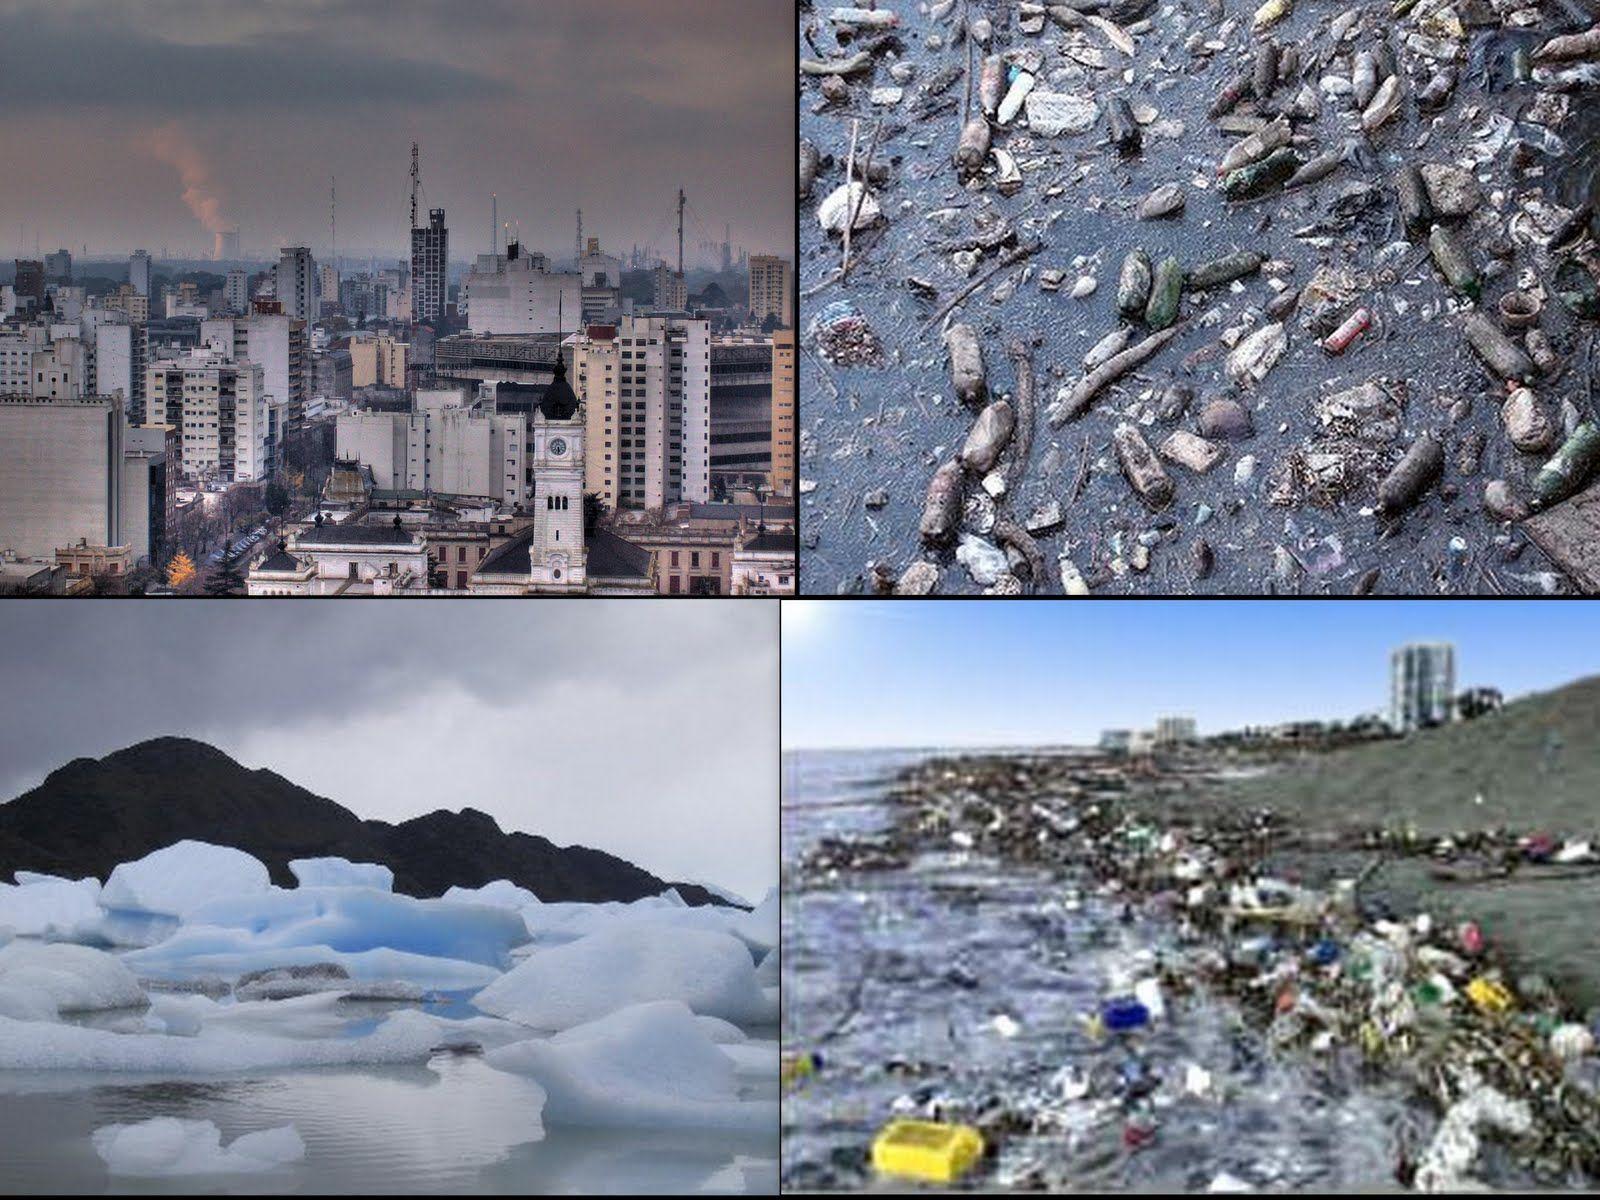 Algo Por El Medio Ambiente: Problemas Ambientales